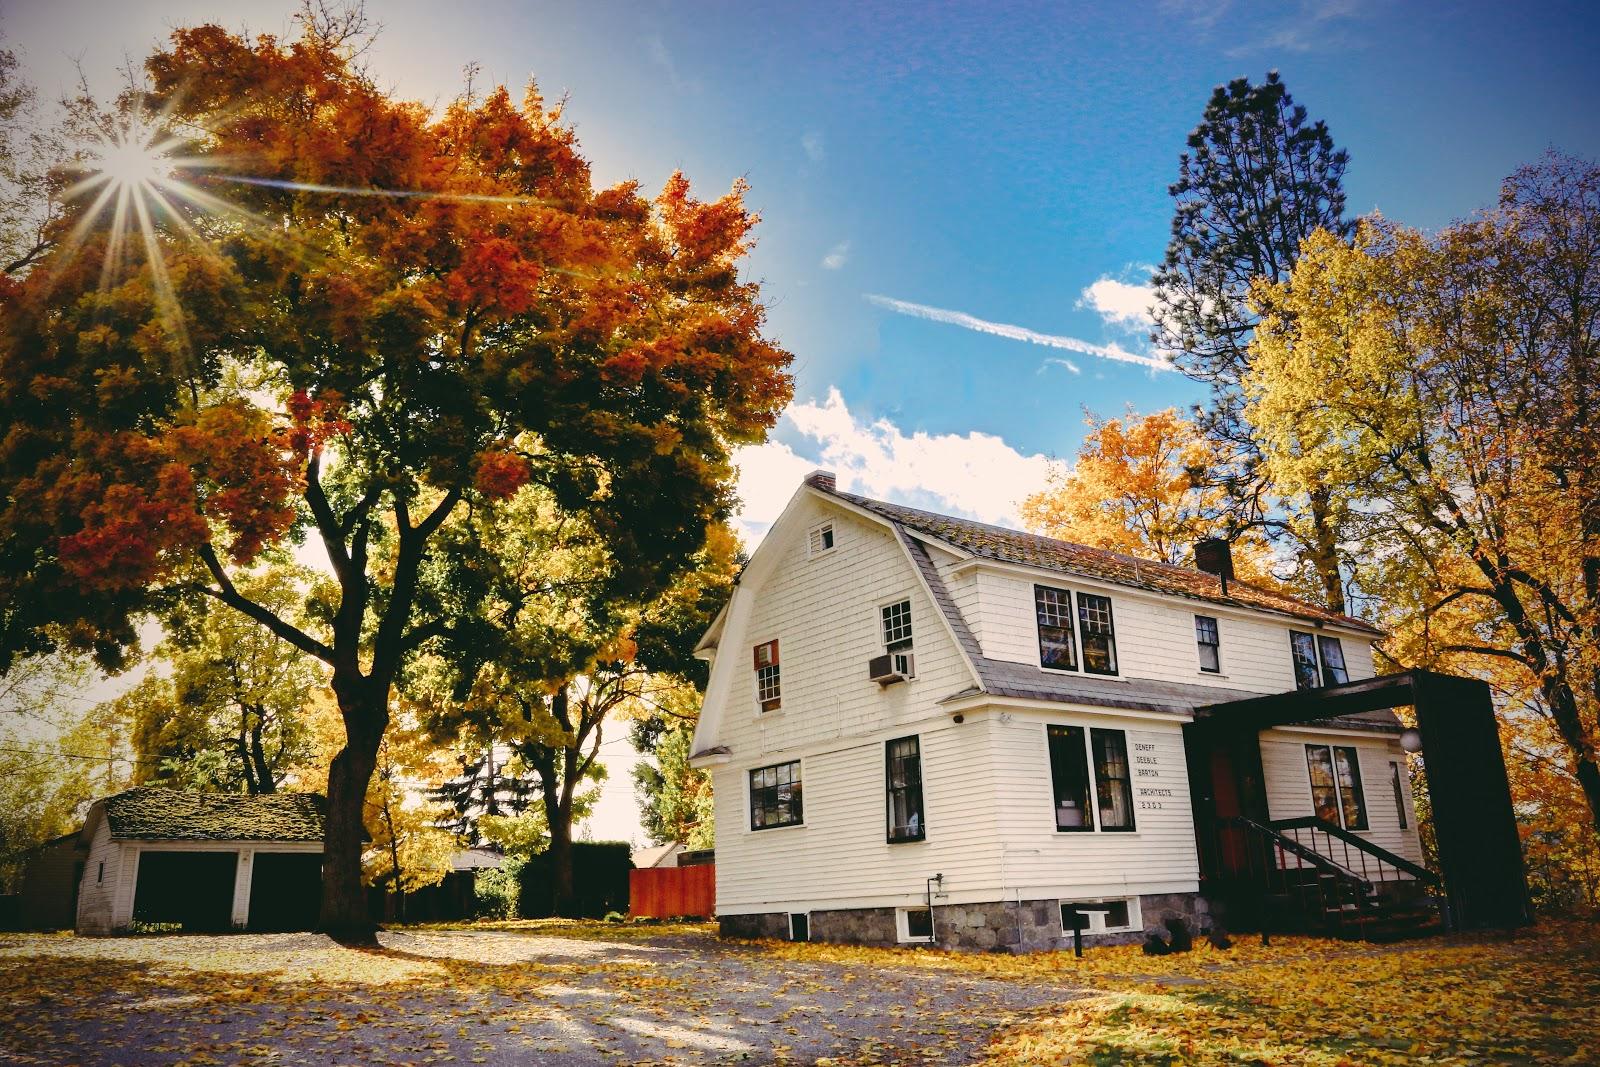 Desain farm house menggambarkan tempat istirahat yang sempurna - source: www.unsplash.com